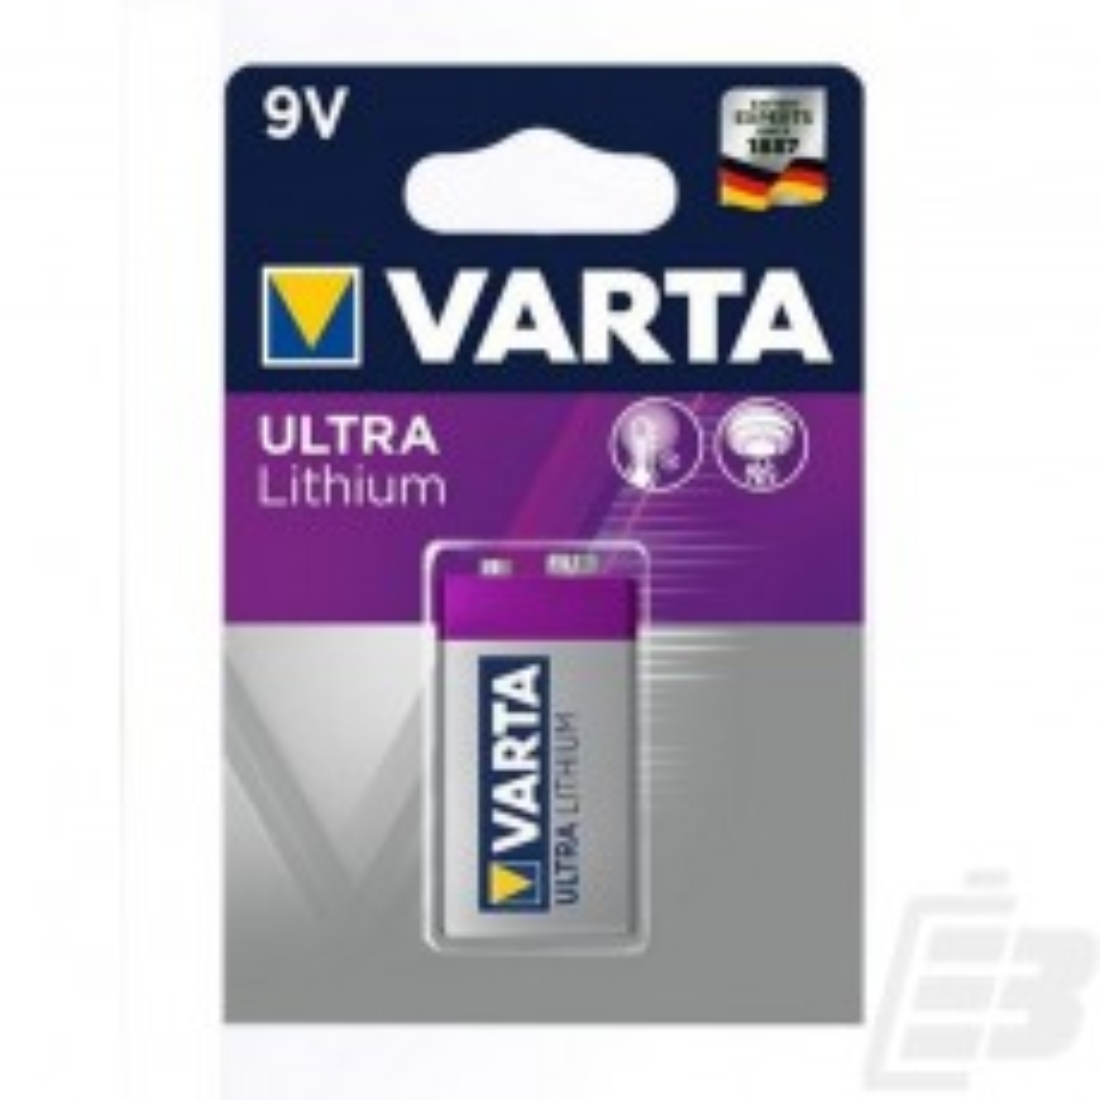 Varta Ultra Lithium 6122 9V battery